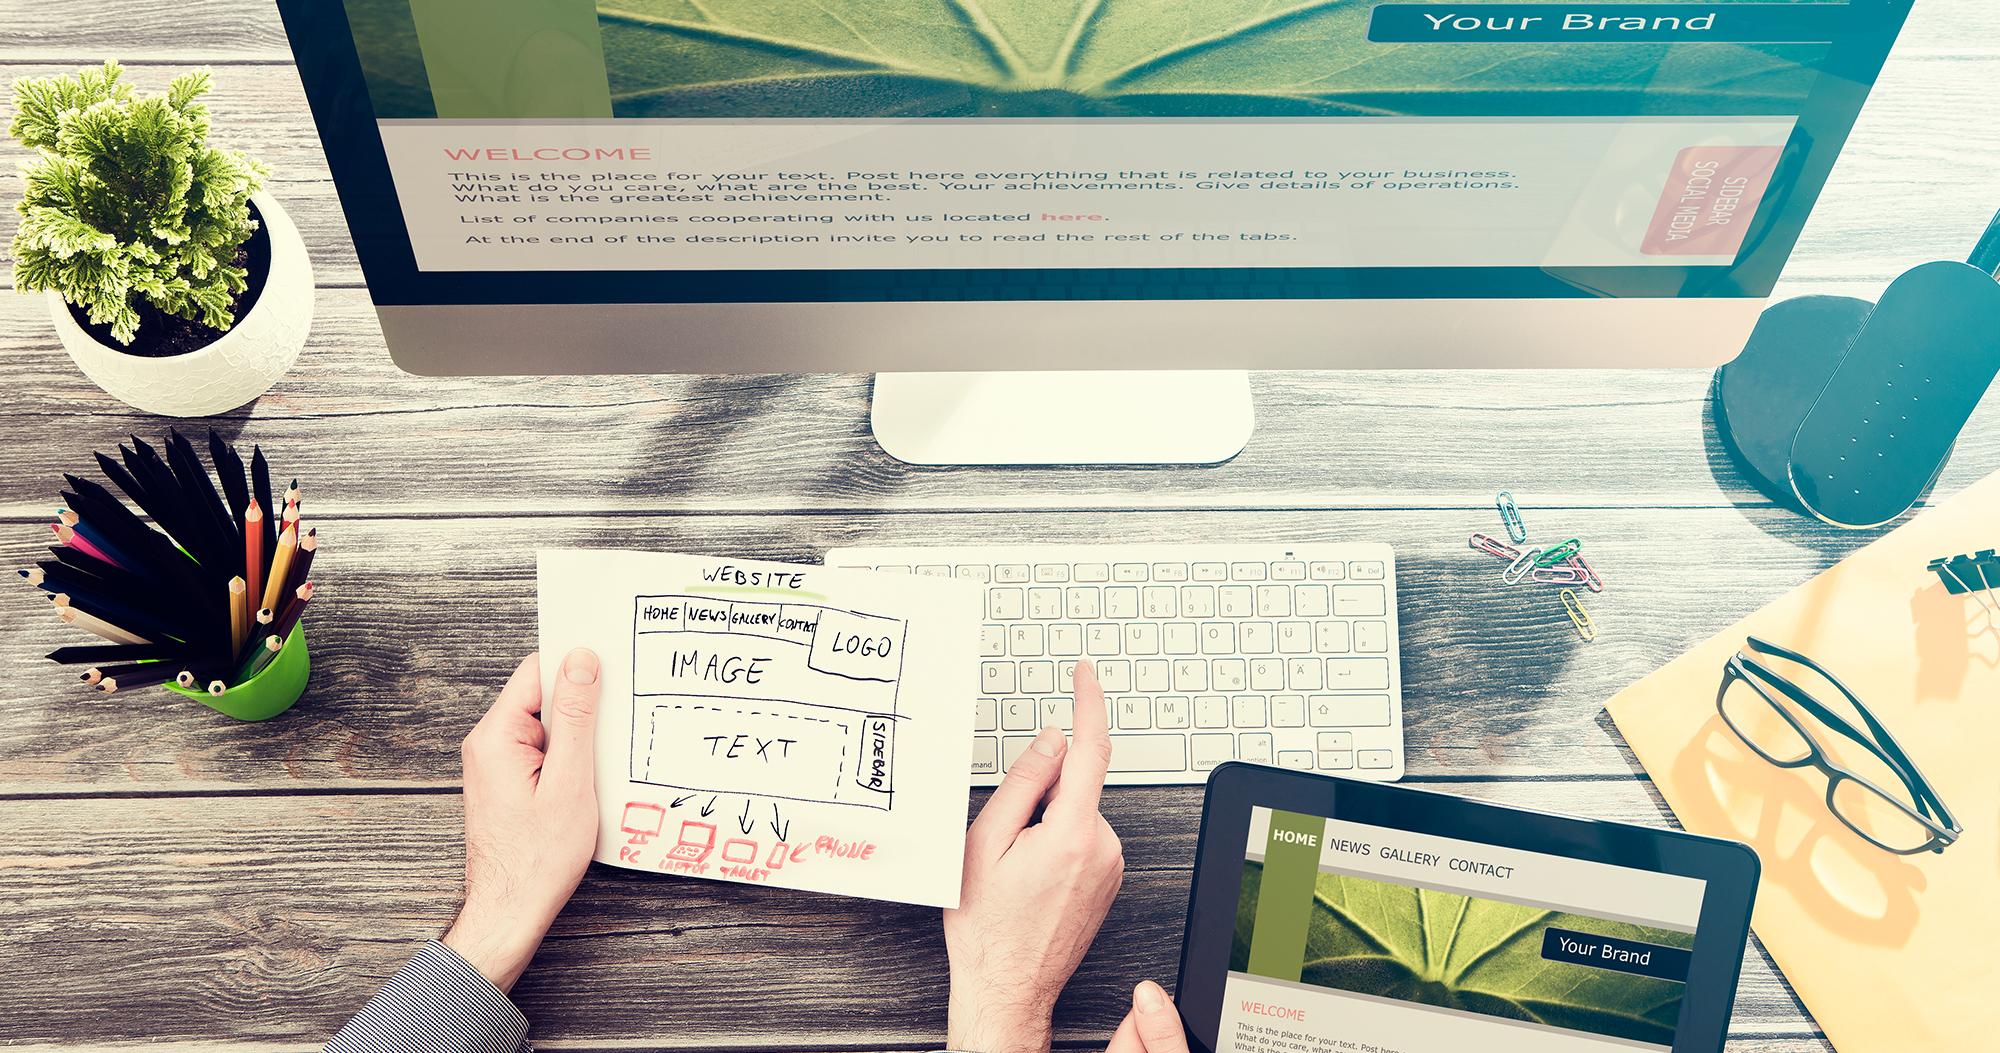 Webサイトのリニューアルで必要なものとは?タイミングから業者選定のポイントまで!